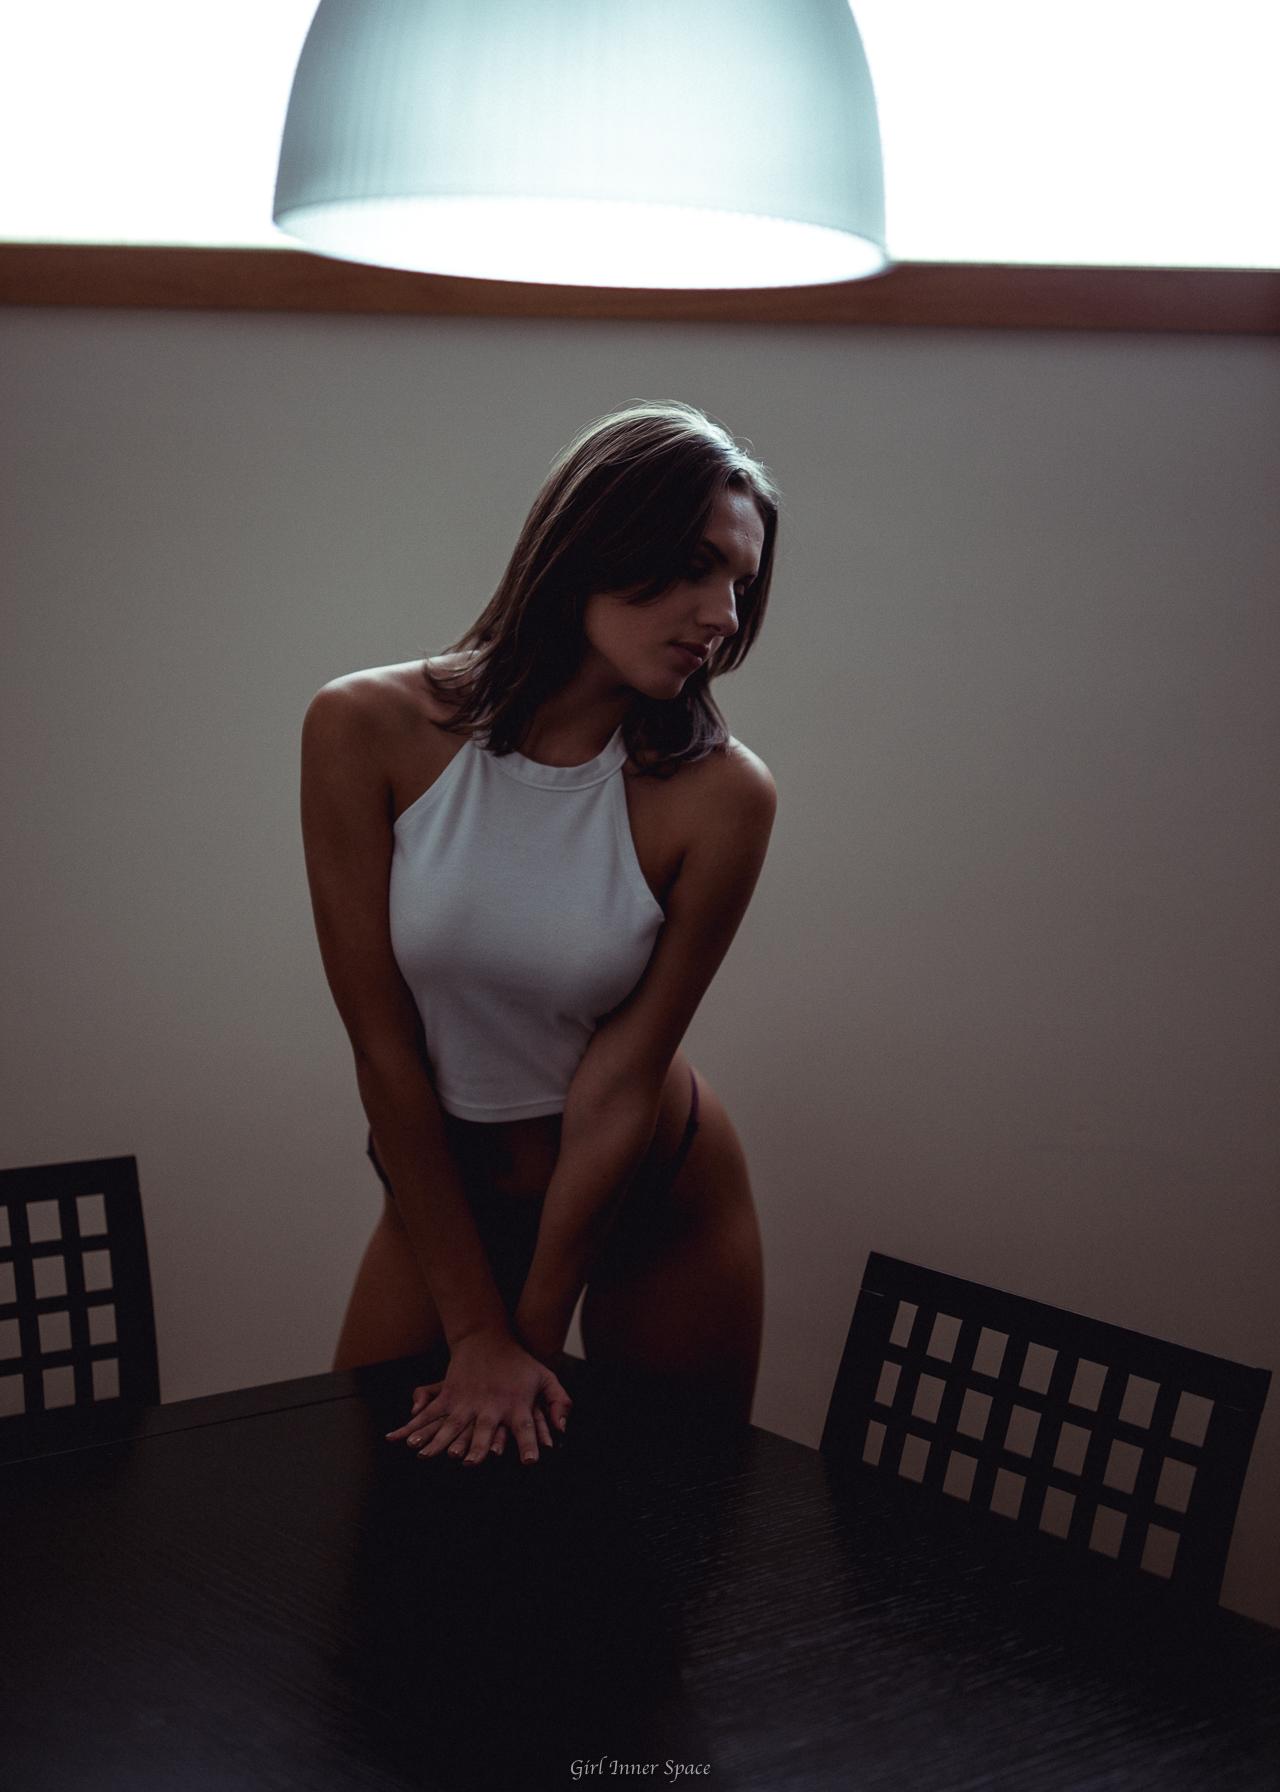 http://www.girlinner.space/samples/20190407_sets.jpg